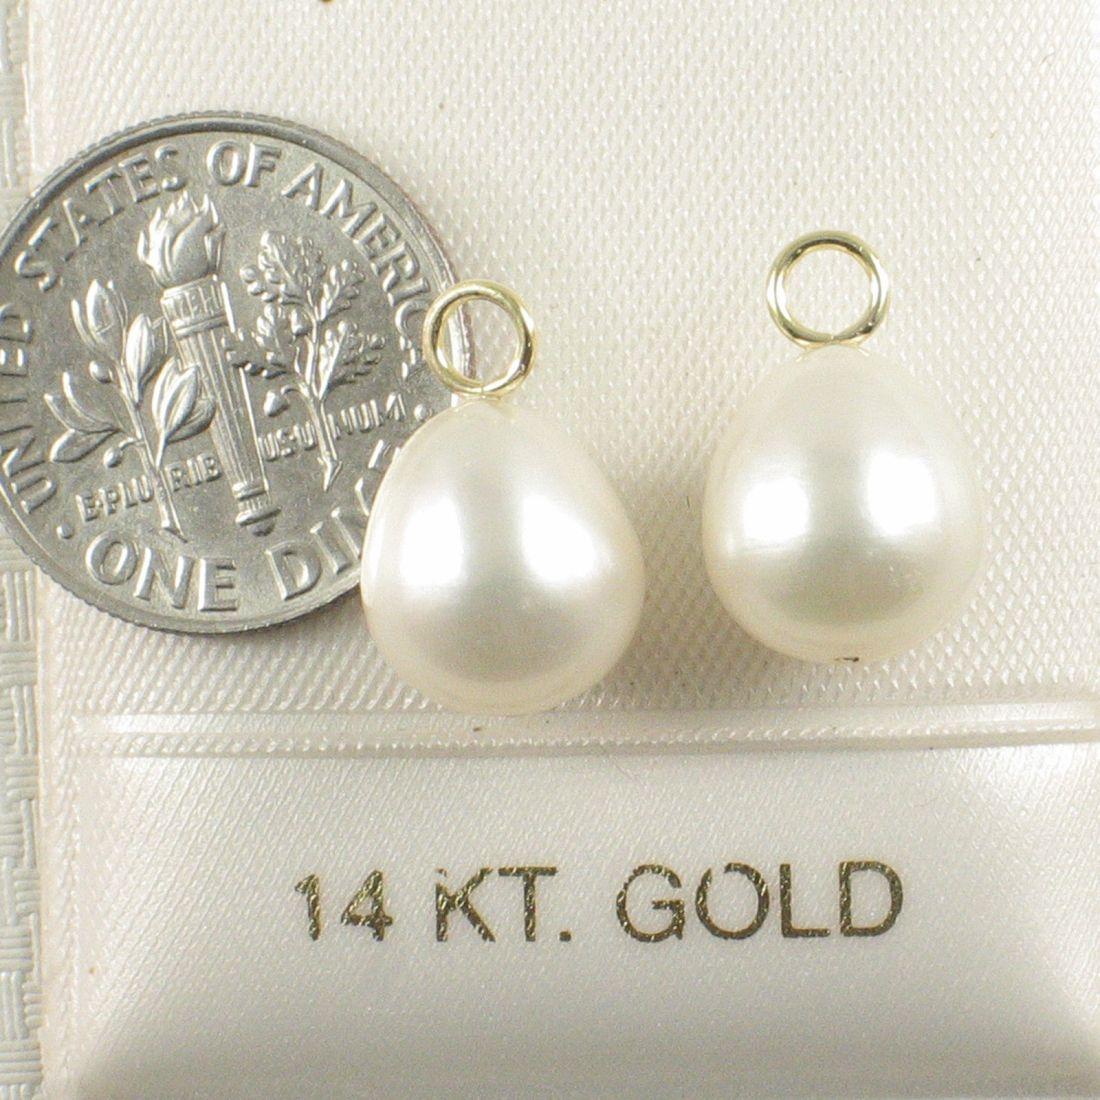 Ebay 9.5 - 10mm pearl drops2